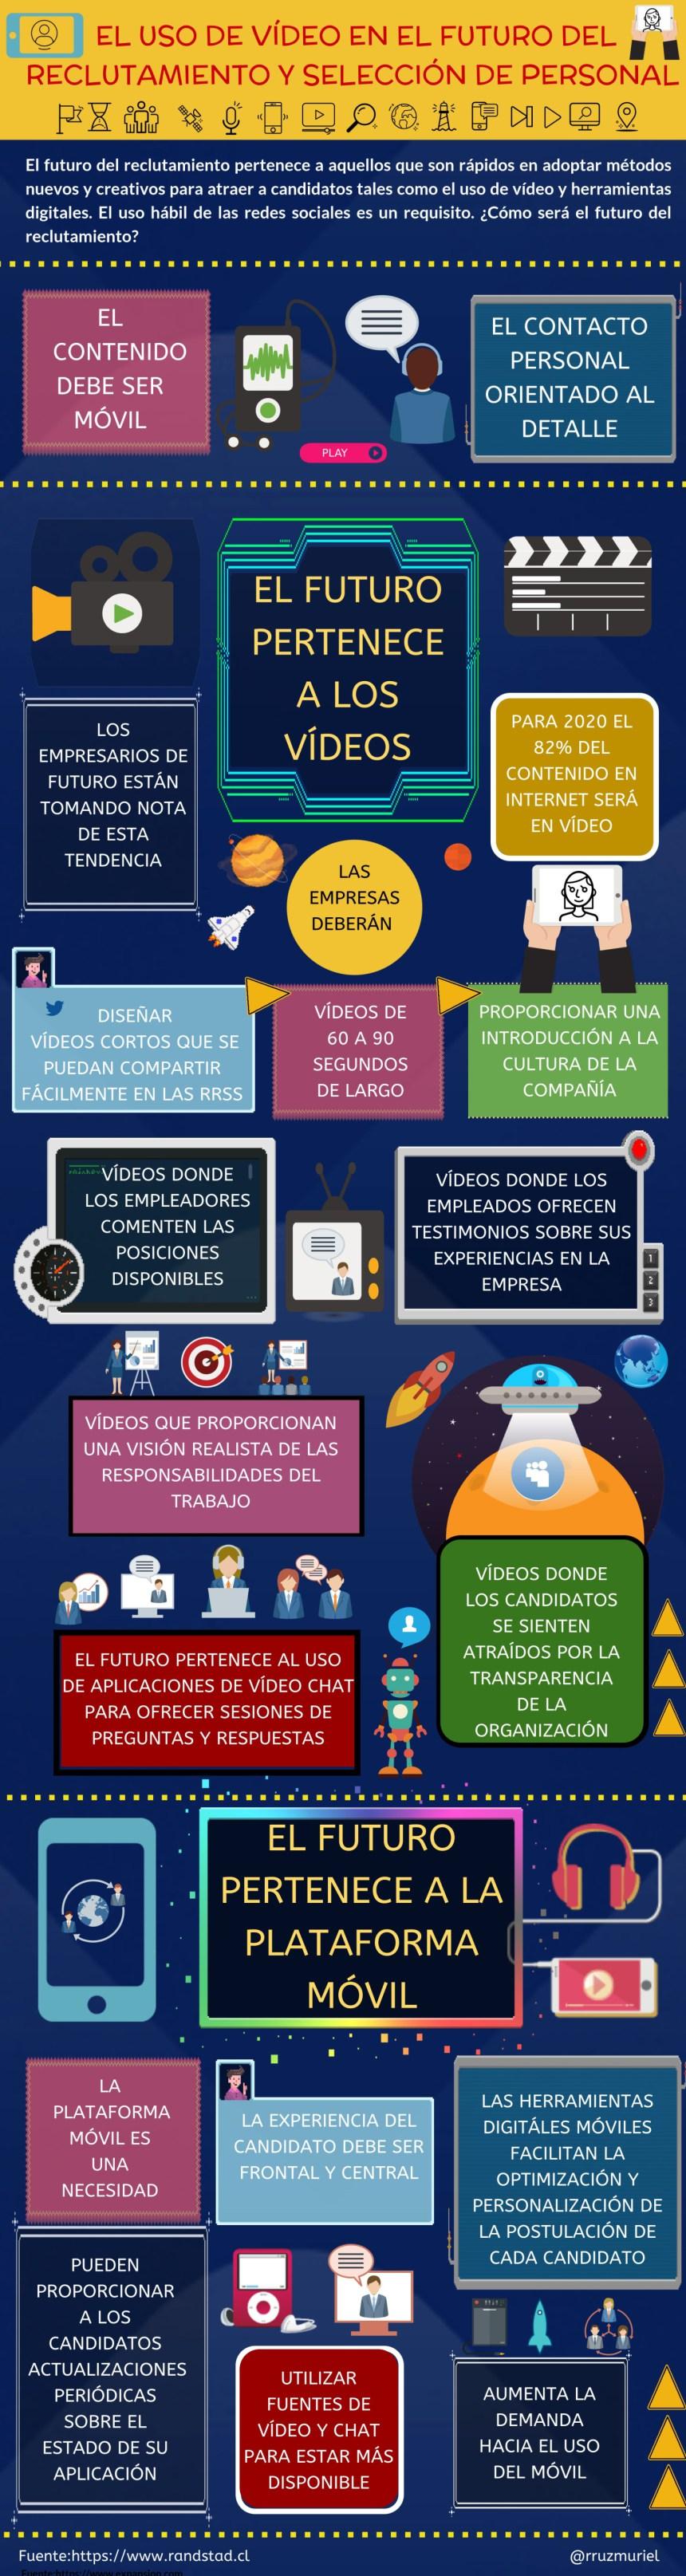 Uso de vídeo en el futuro del reclutamiento y selección de personal #infografia #infographic #rrhh